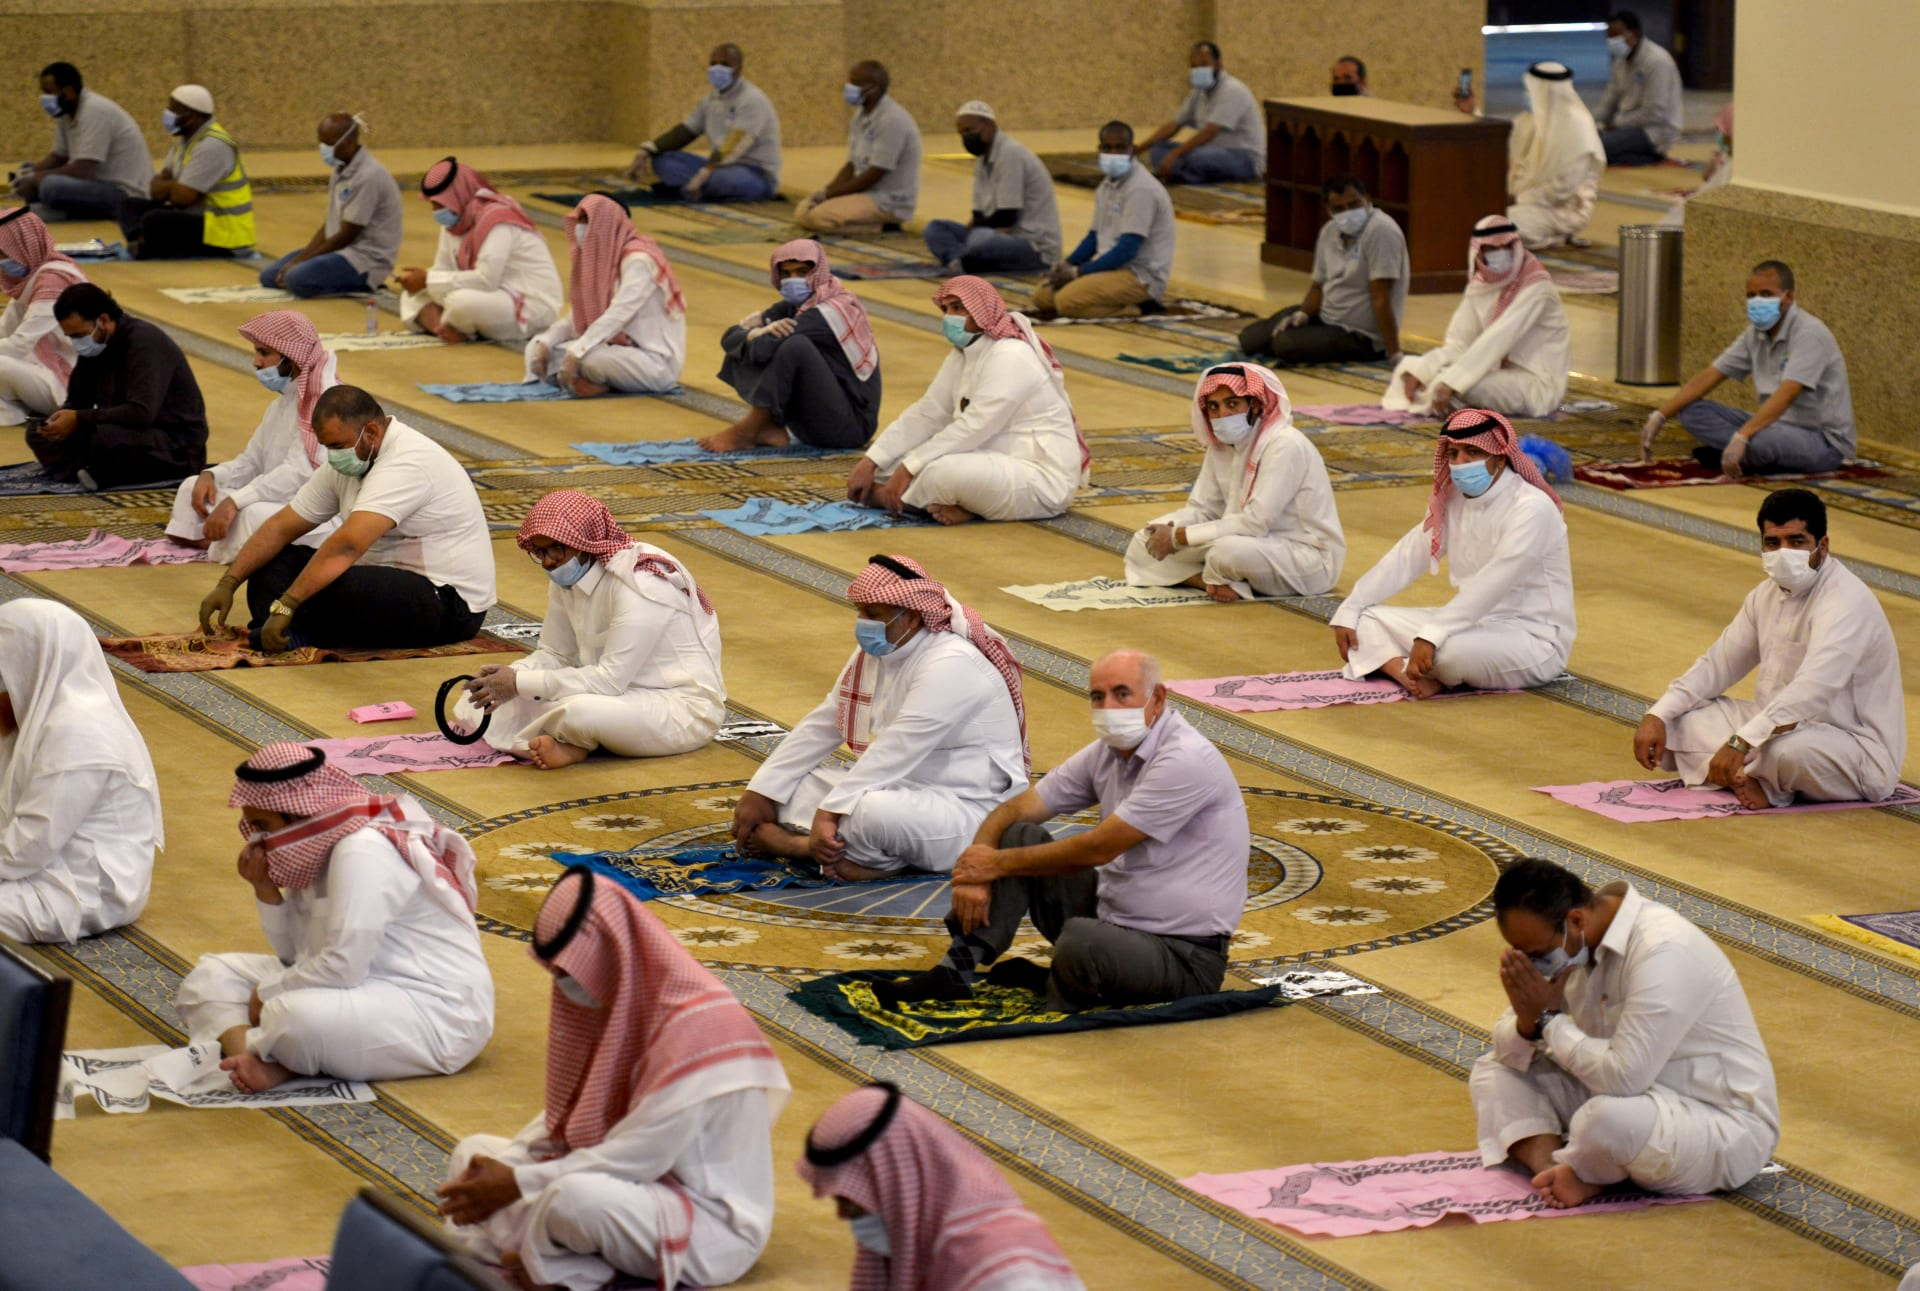 المصلون السعوديون يؤدون صلاة الظهر في مسجد الراجحي بالعاصمة الرياض في 31 مايو 2020